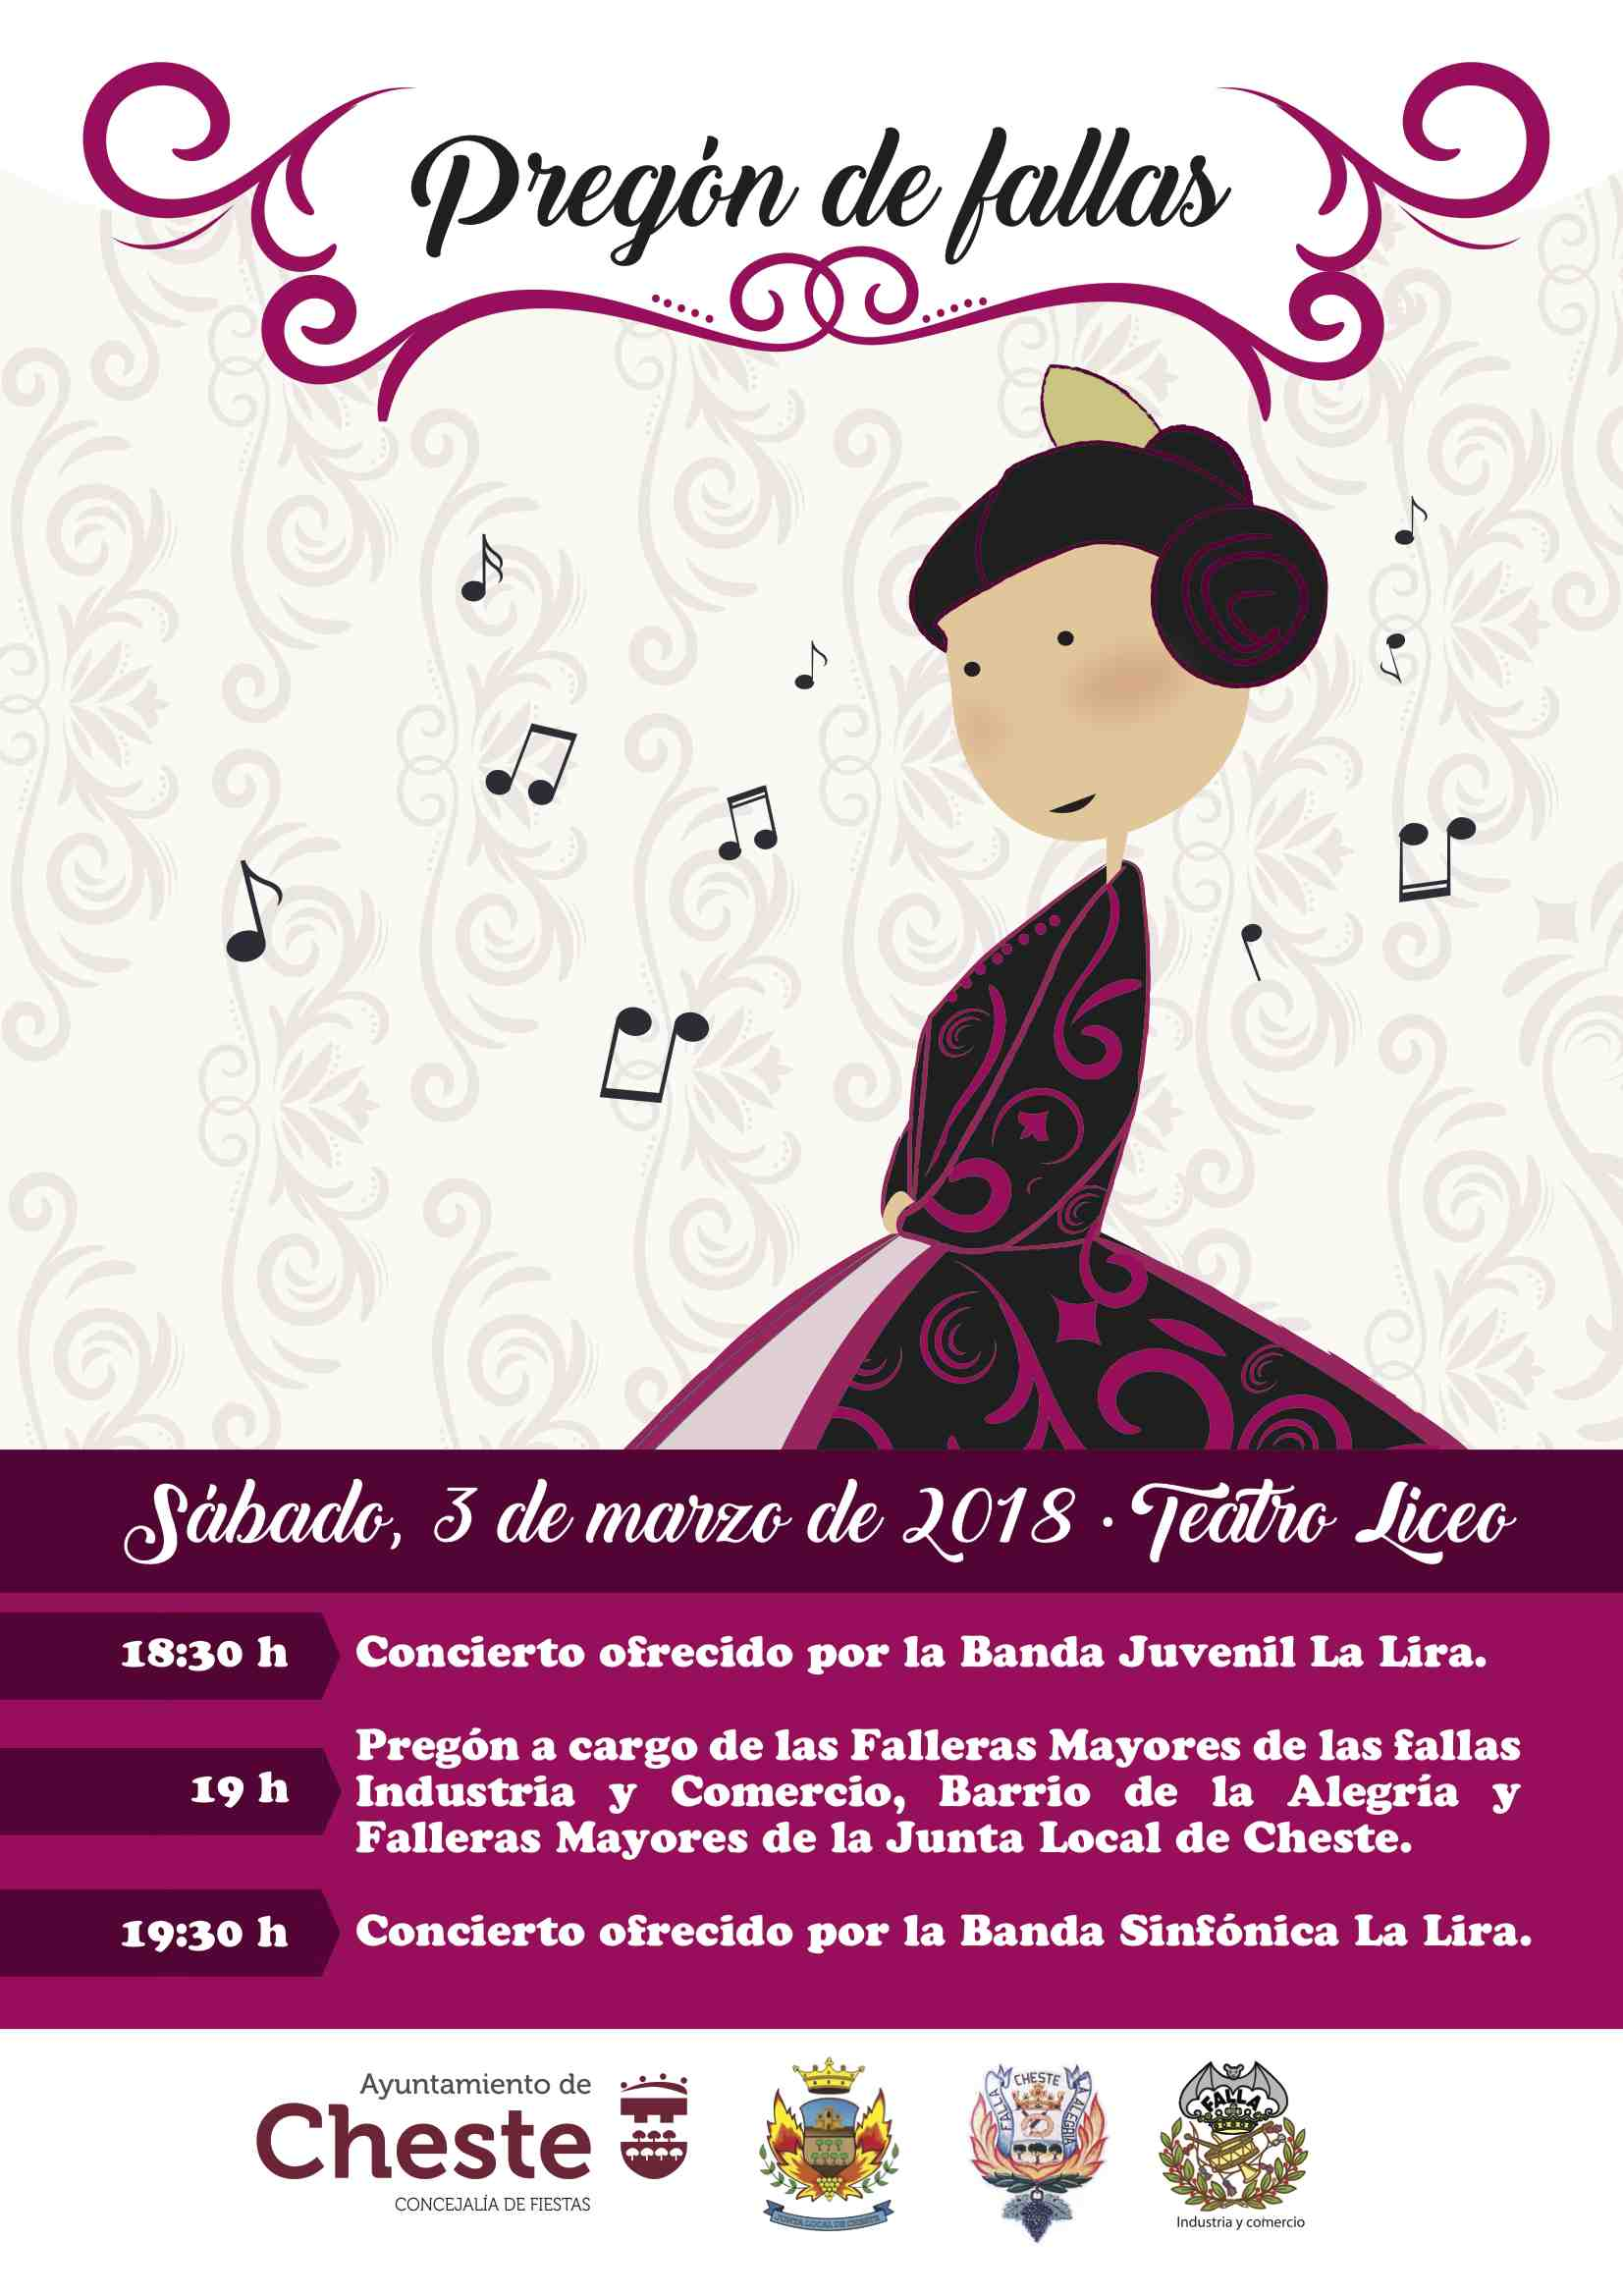 Cartel anunciador del Pregón en Cheste.